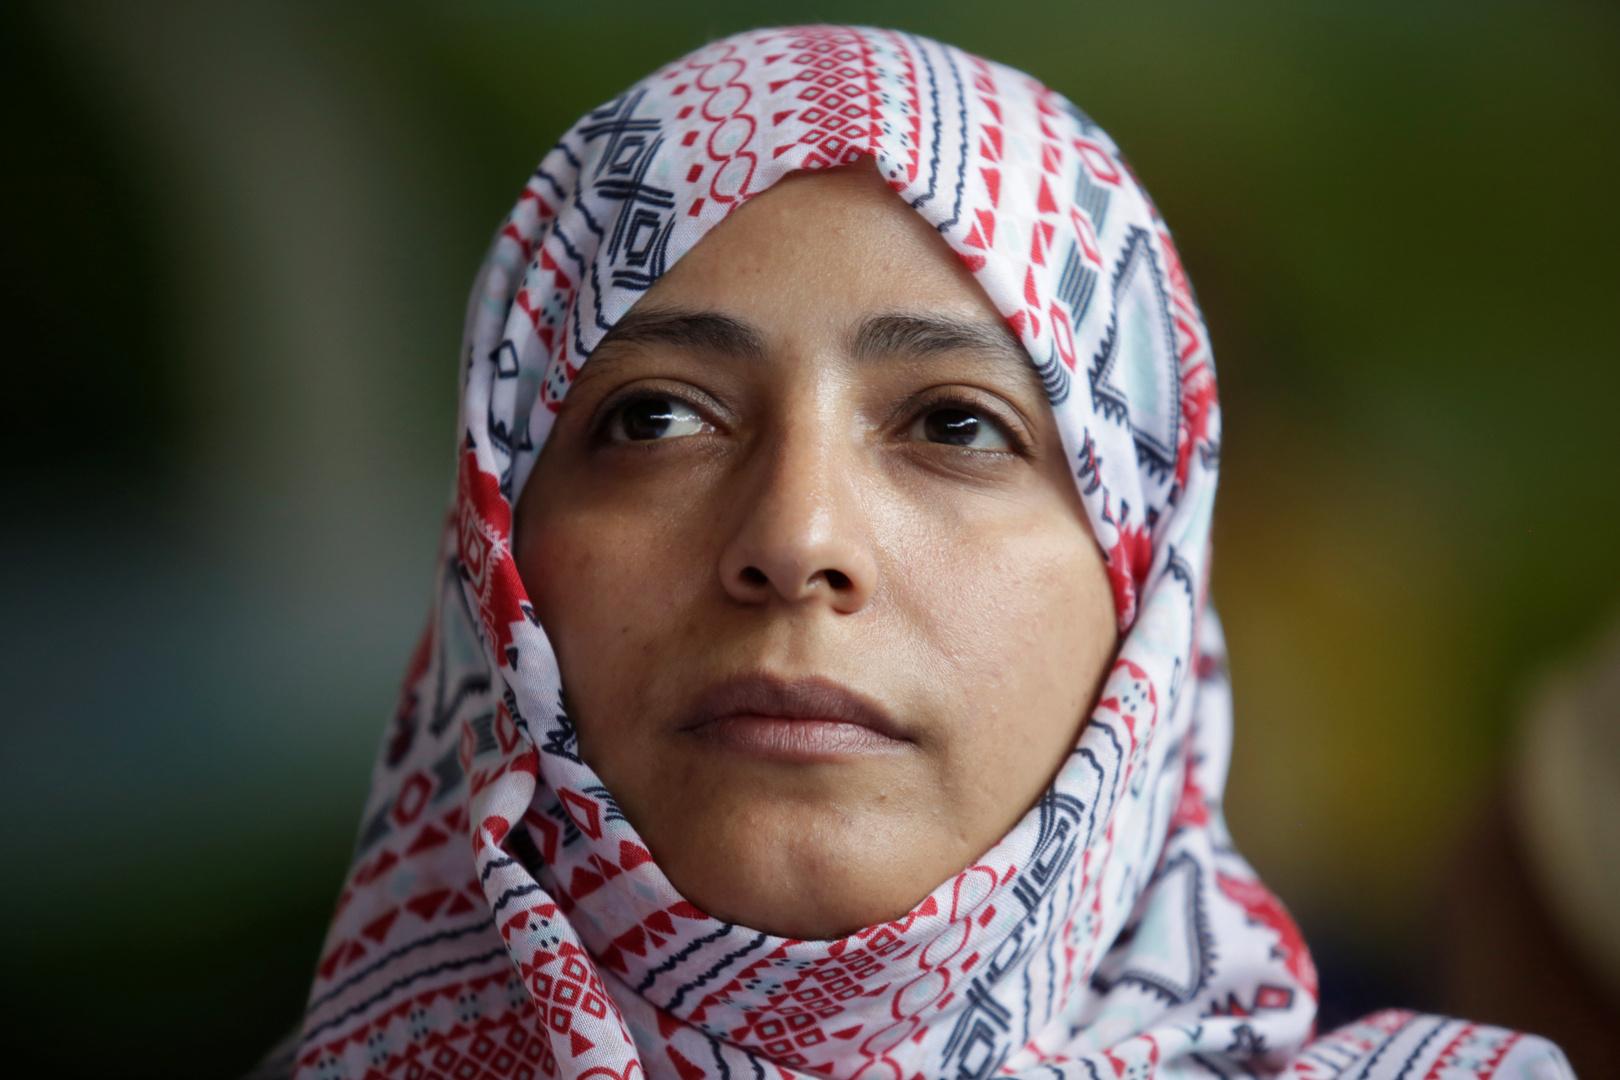 توكل كرمان تدعو السلطات البريطانية للتحقيق بوفاة الناشطة الإماراتية آلاء الصديق